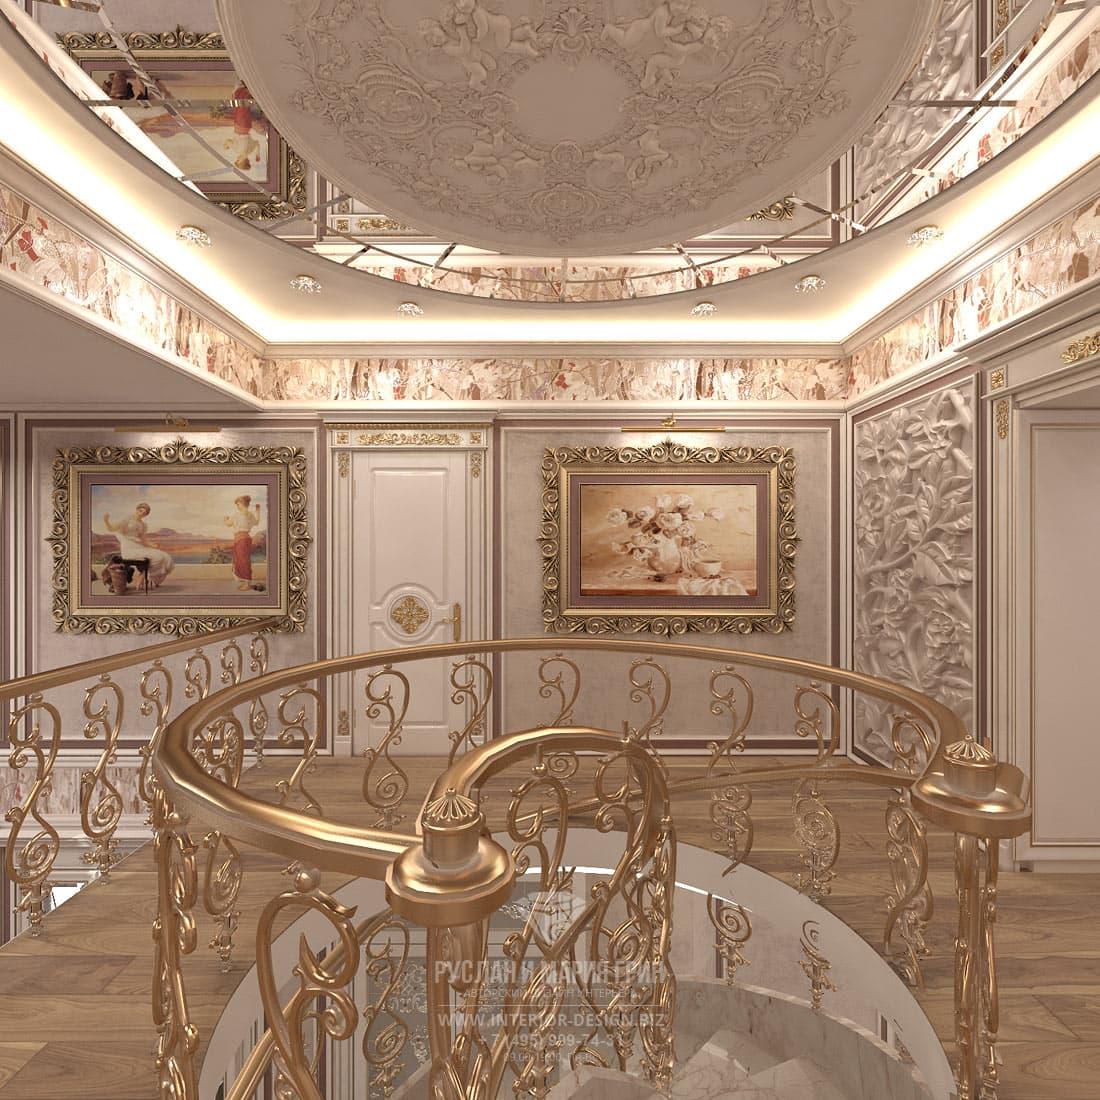 Дизайн бежевого лестничного холла в классическом стиле. Золотые перила